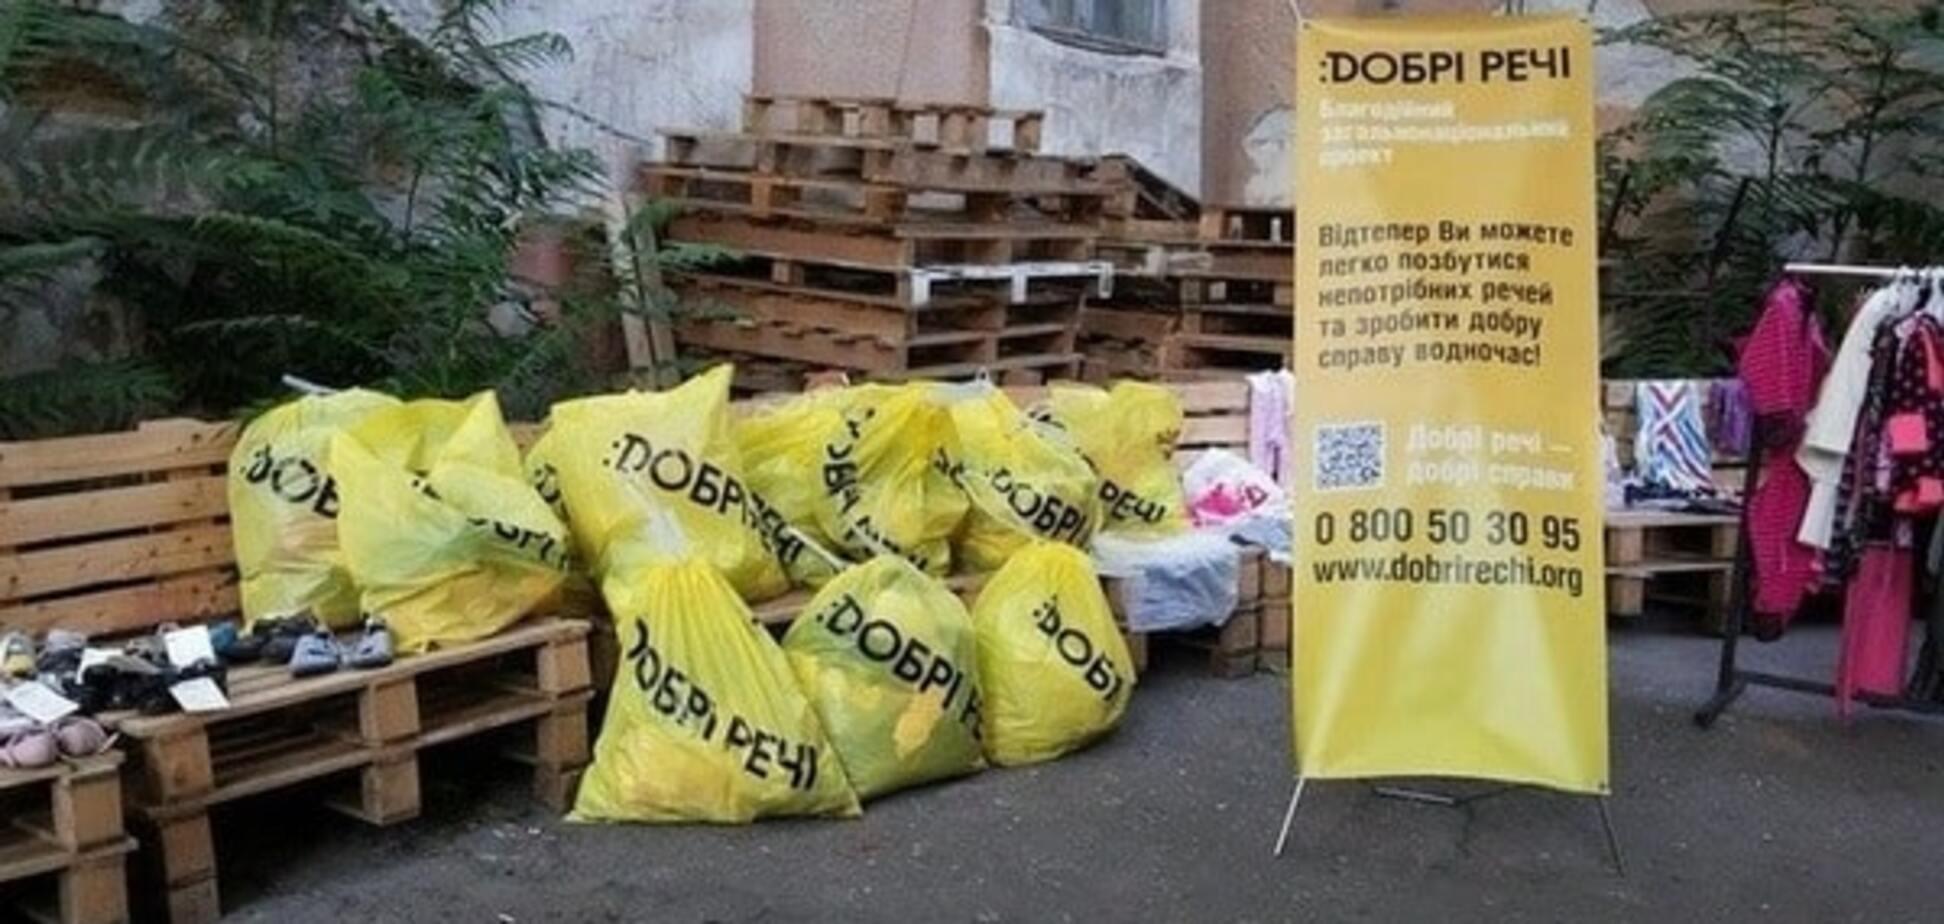 У Києві відкрили пункти з прийому непотрібних речей: опублікована онлайн-карта